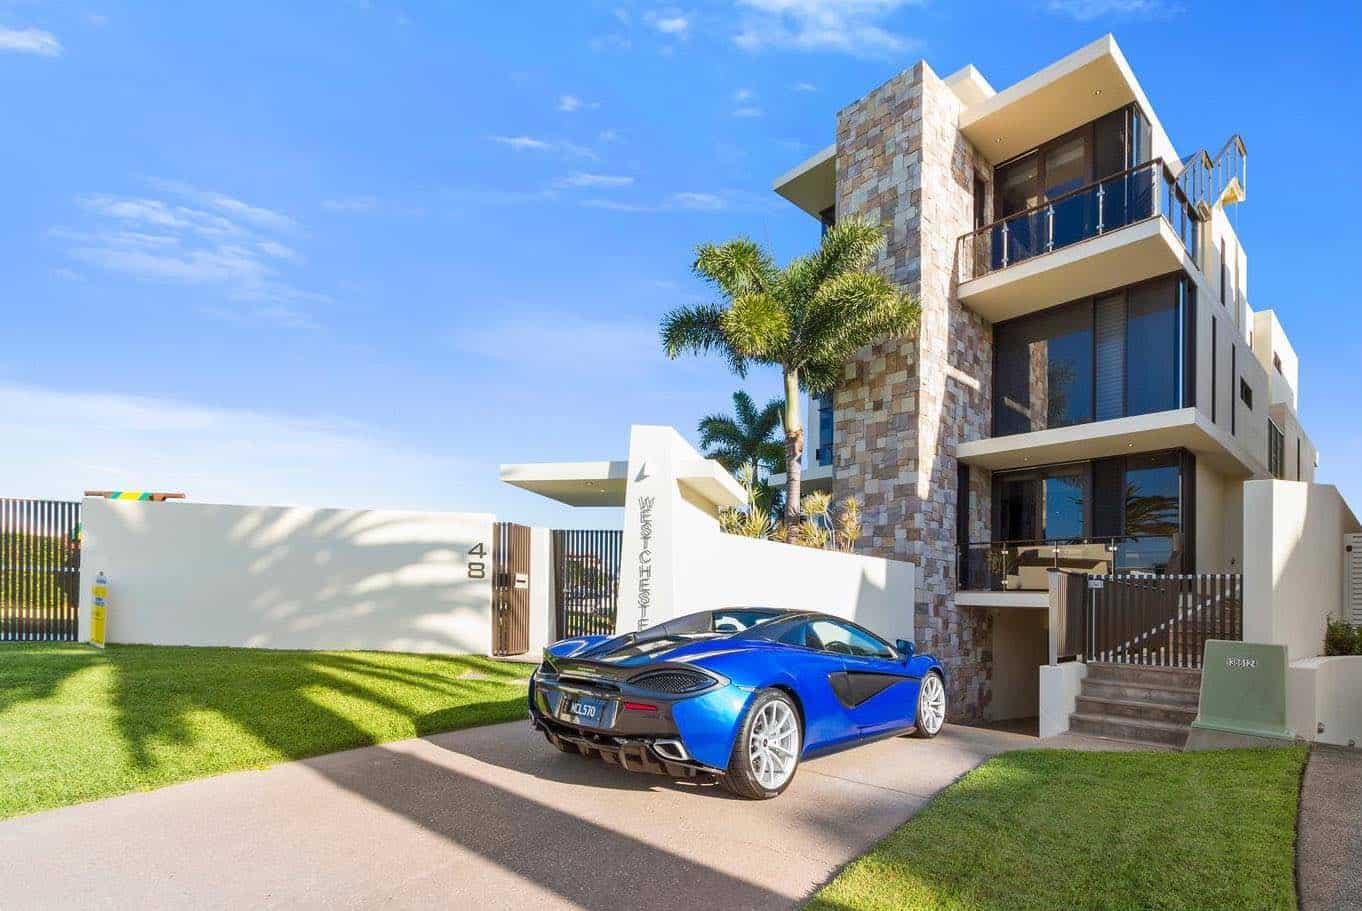 Fotos de casa de lujo descargar la imagen with fotos de - Casas amuebladas modernas ...